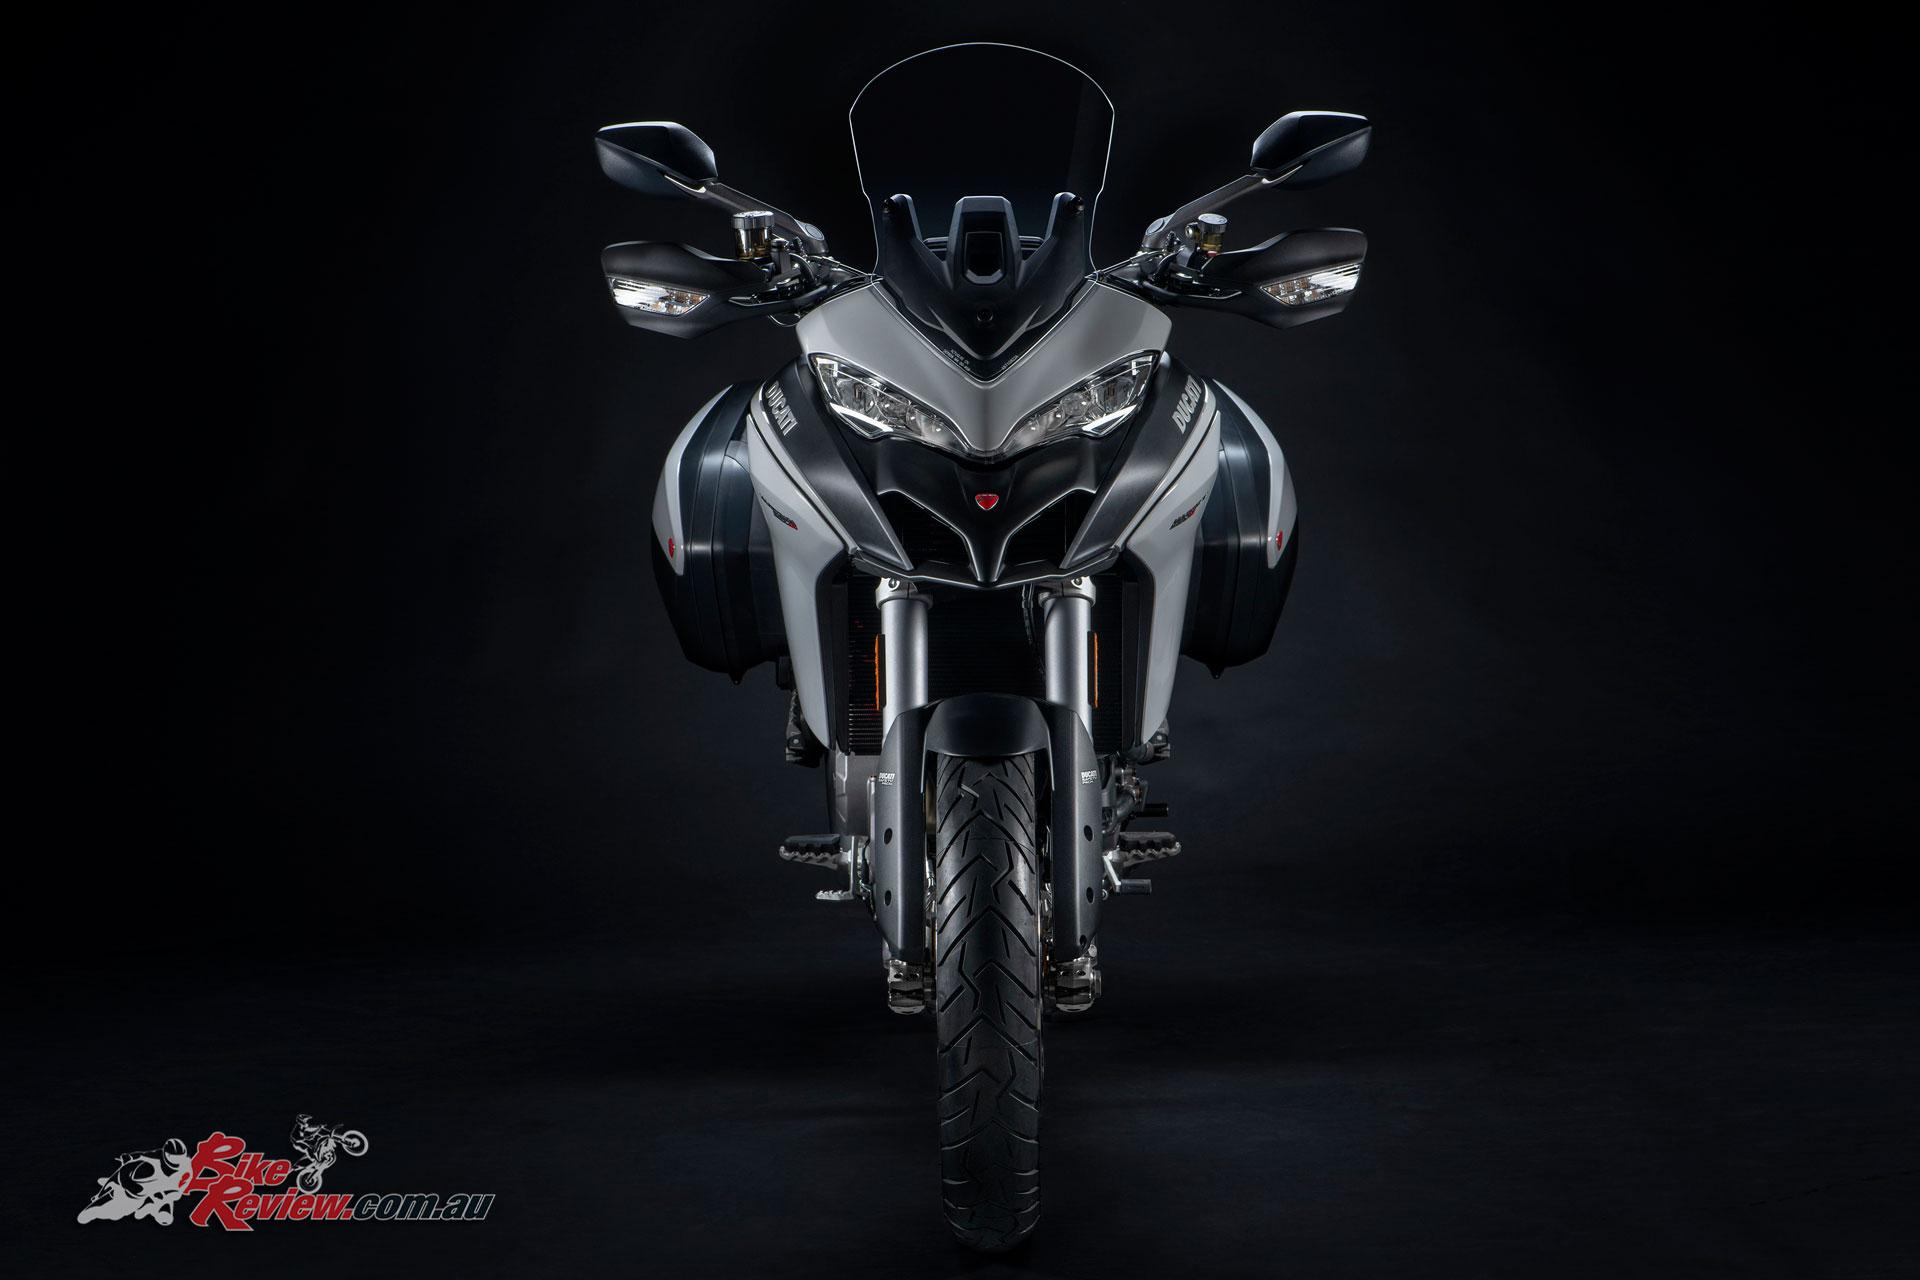 2019 Ducati Multistrada 950 S